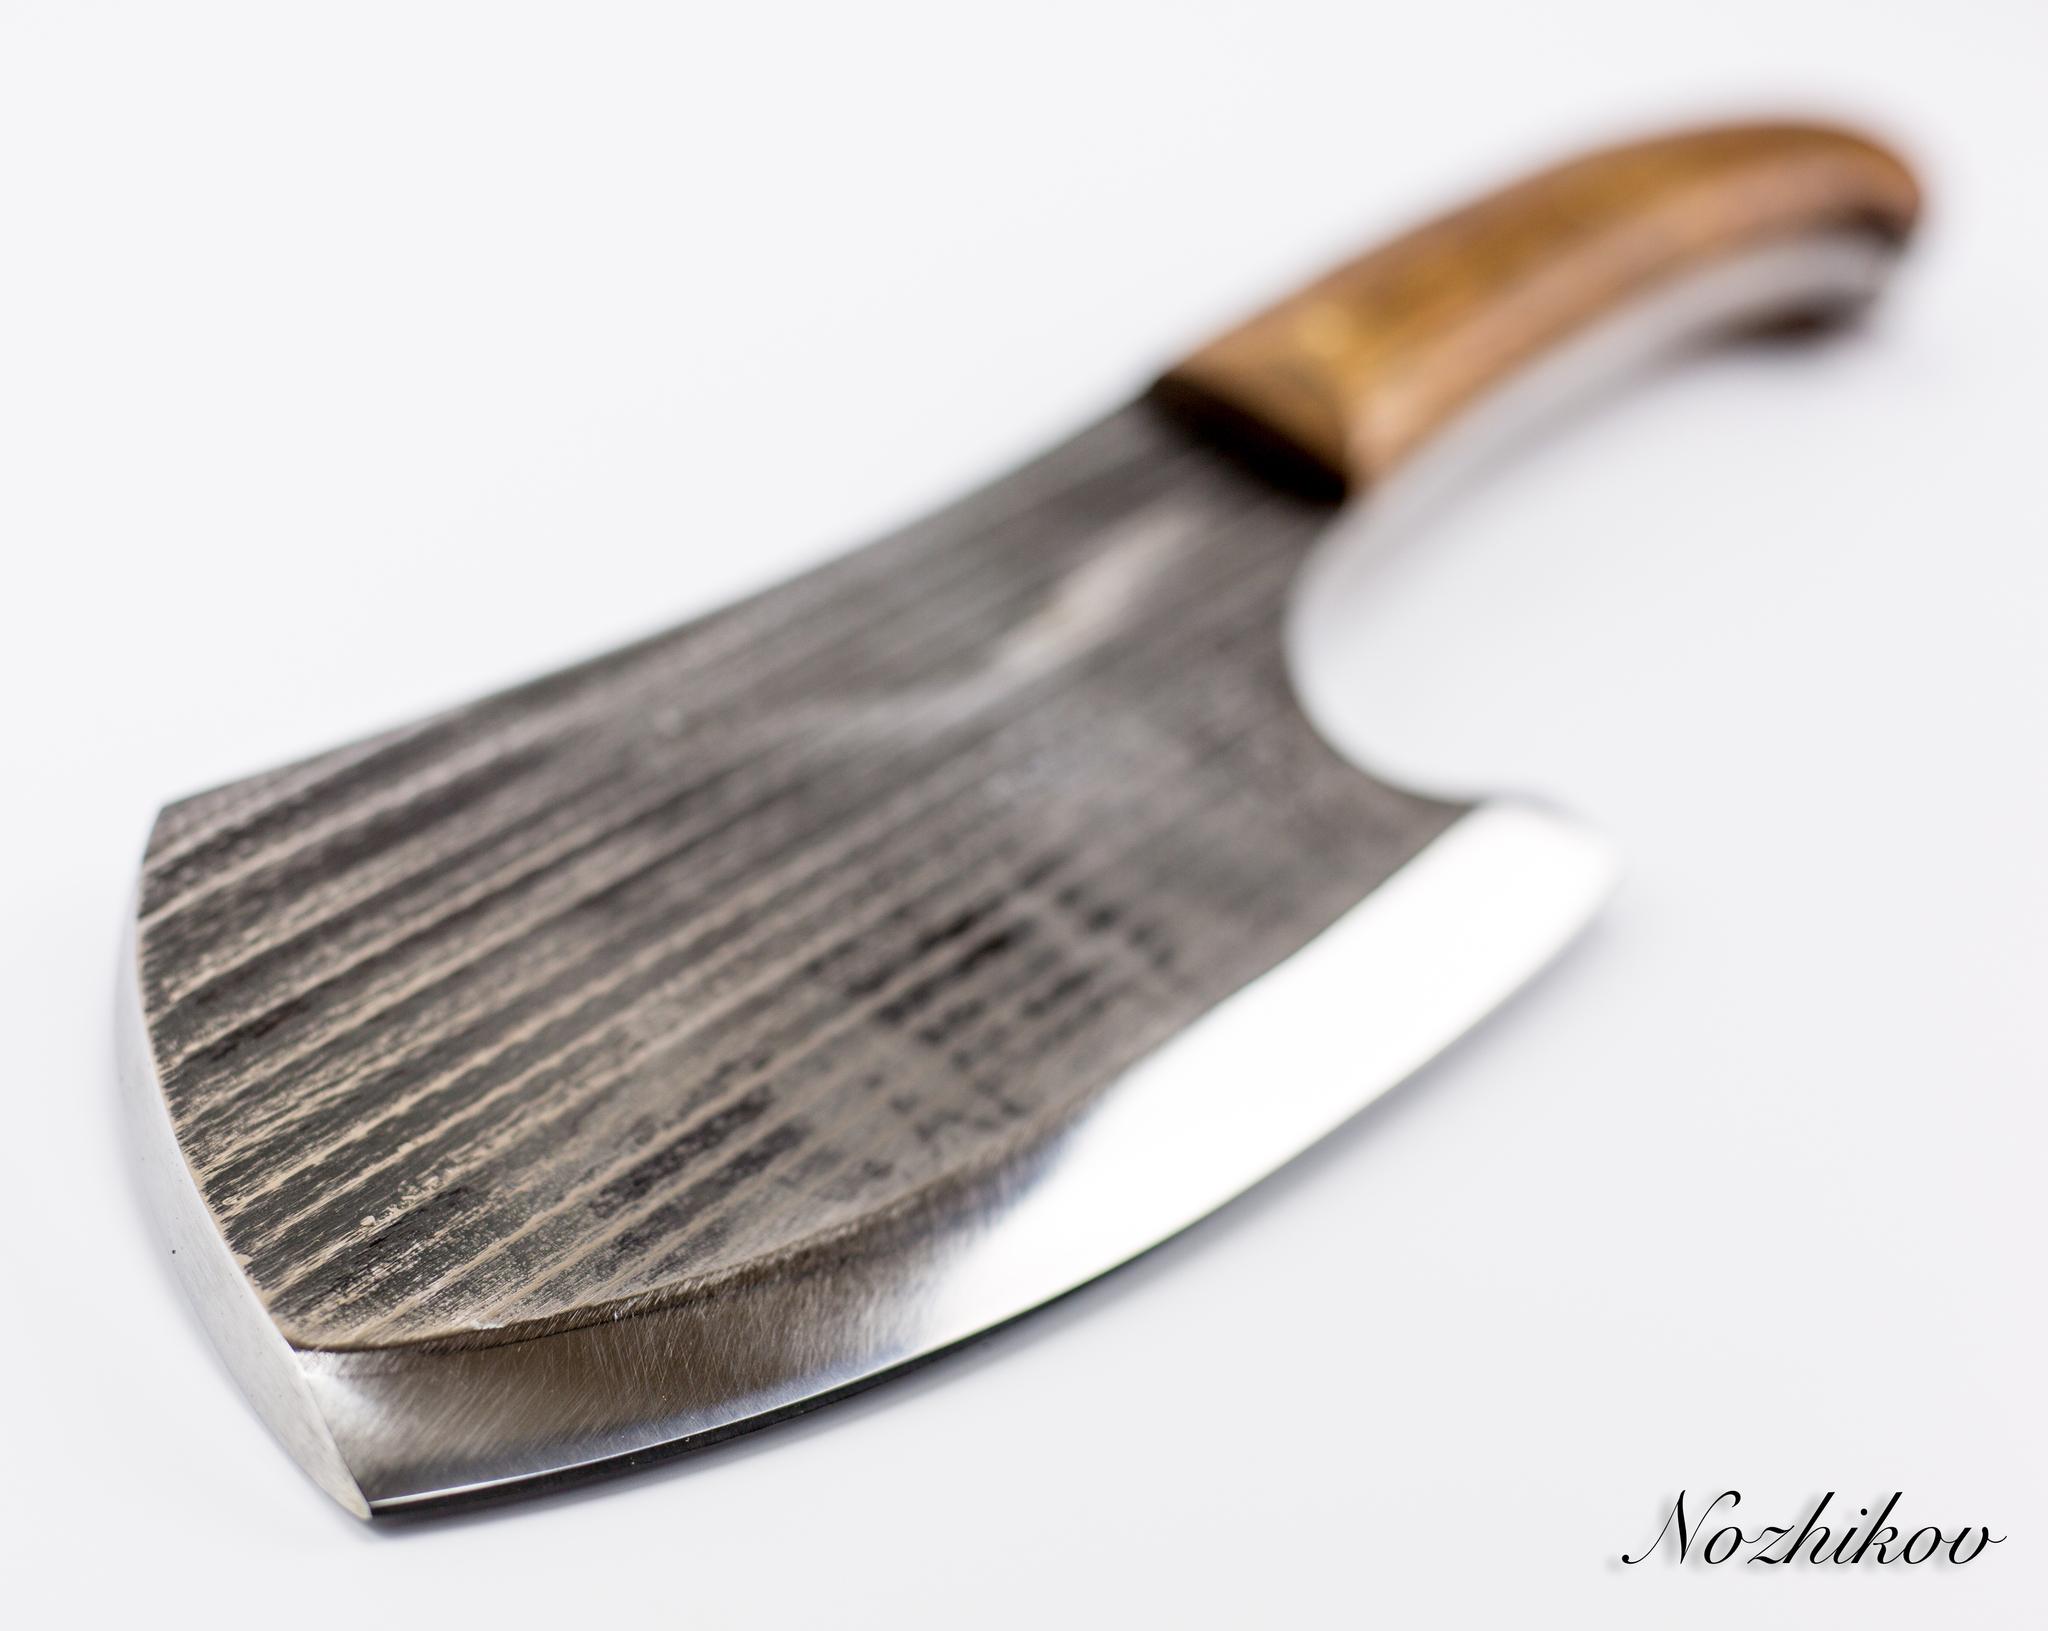 Фото 5 - Тяпка для мяса №7, сталь У8 от Мастерская Климентьева